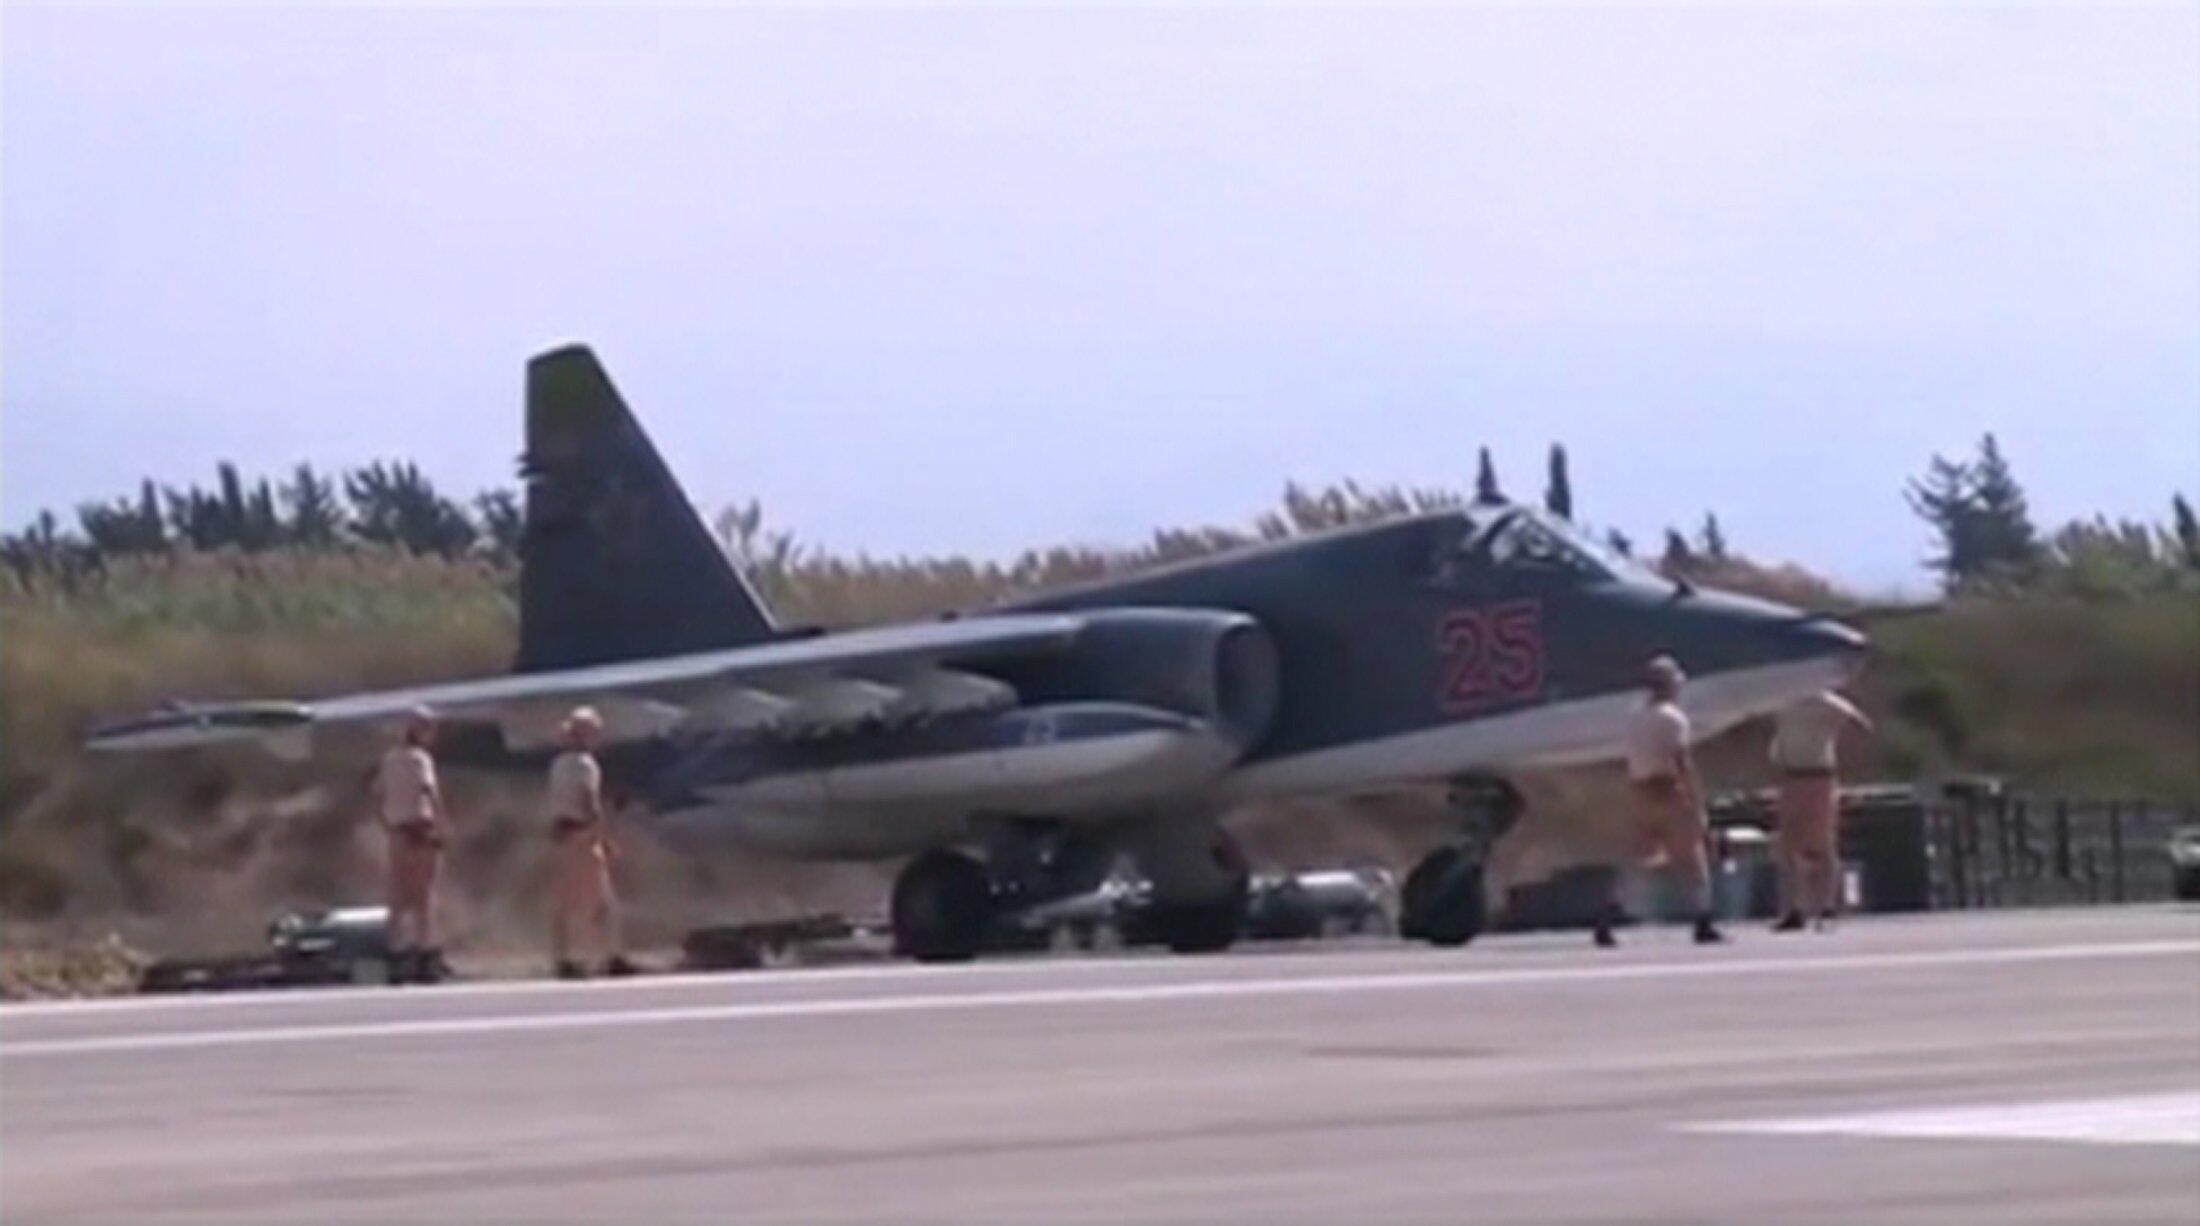 Российский бомбардировщик СУ-25 на авиабазе Хеймим в Сирии, 5 октября 2015.